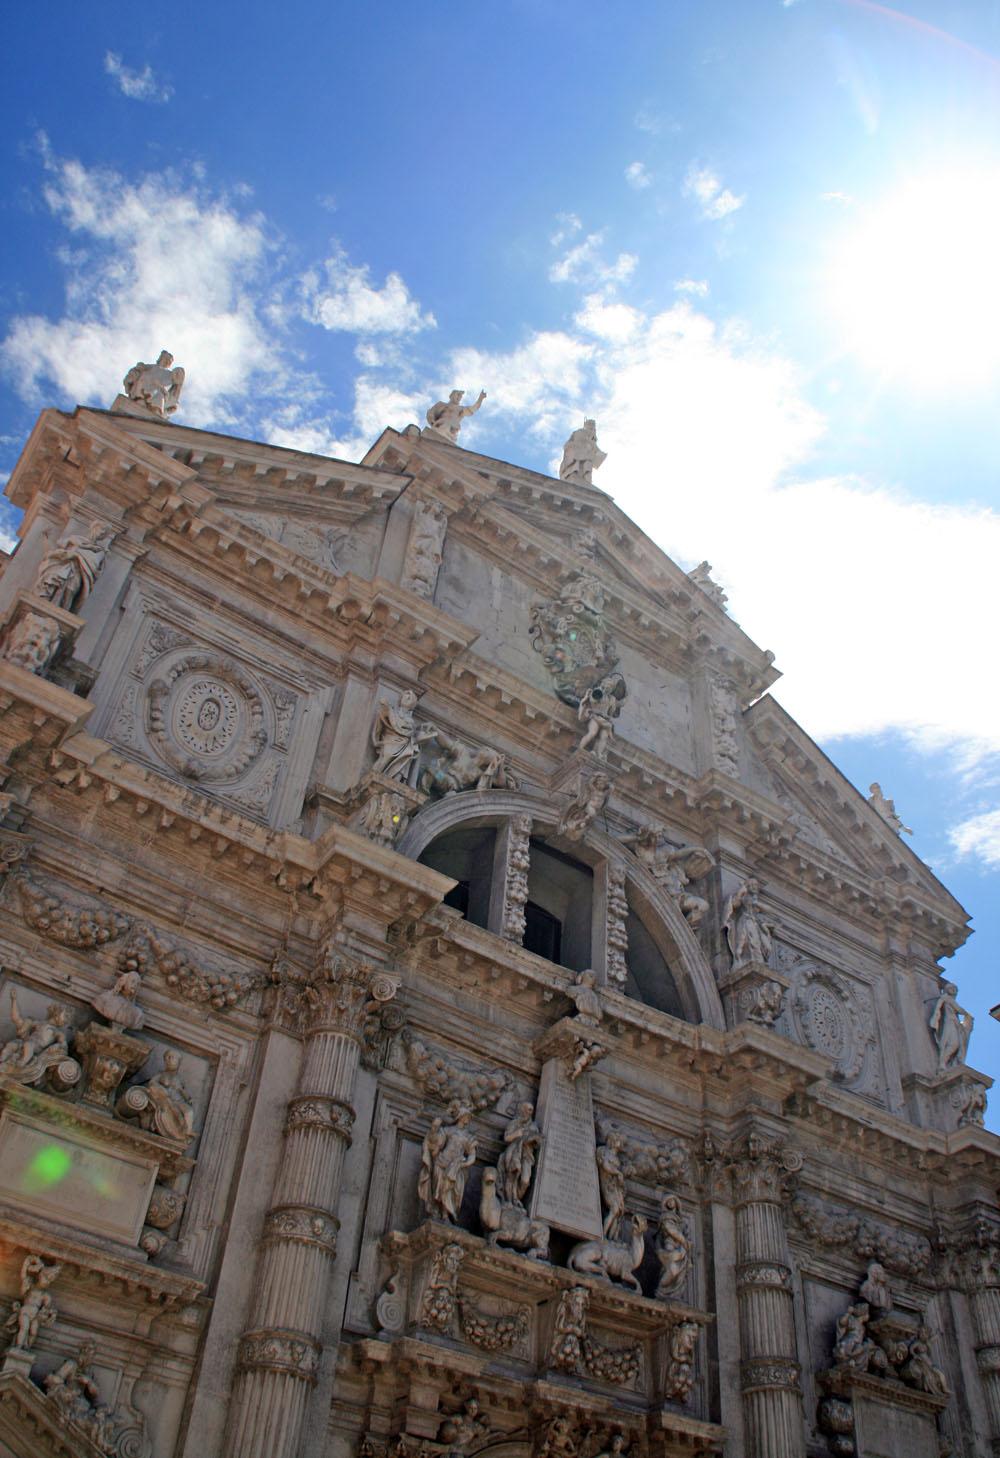 San Moisè facade | Photo Flickr user @fabcom